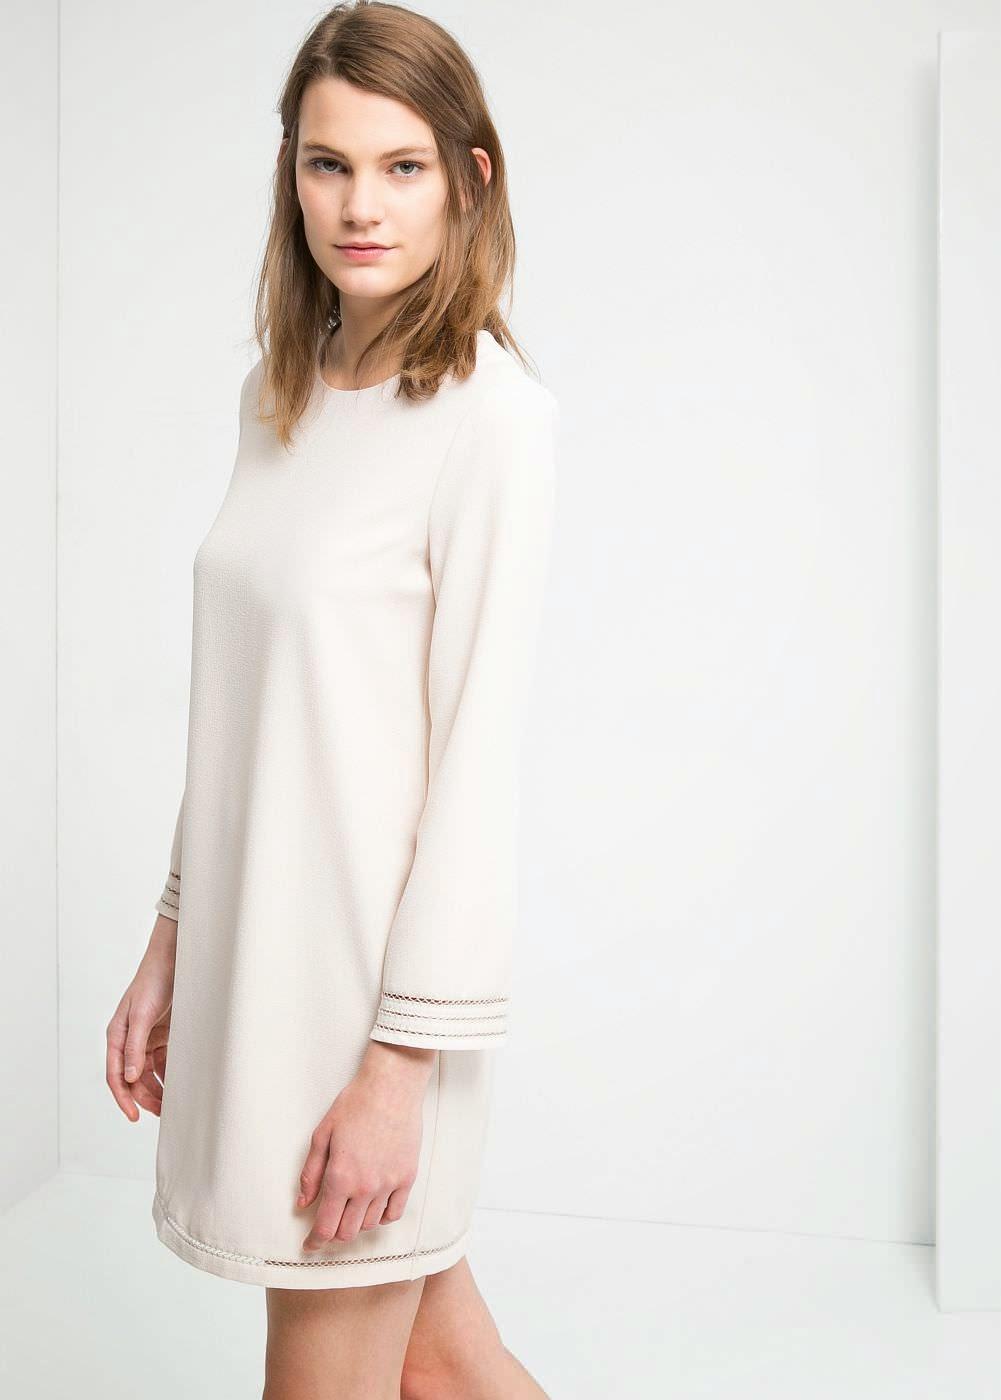 http://shop.mango.com/ES/p0/mujer/prendas/vestidos/vestido-recto-crepe/?id=33030377_ND&n=1&s=prendas.vestidosprendas&ident=0__0_1412156031441&ts=1412156031441